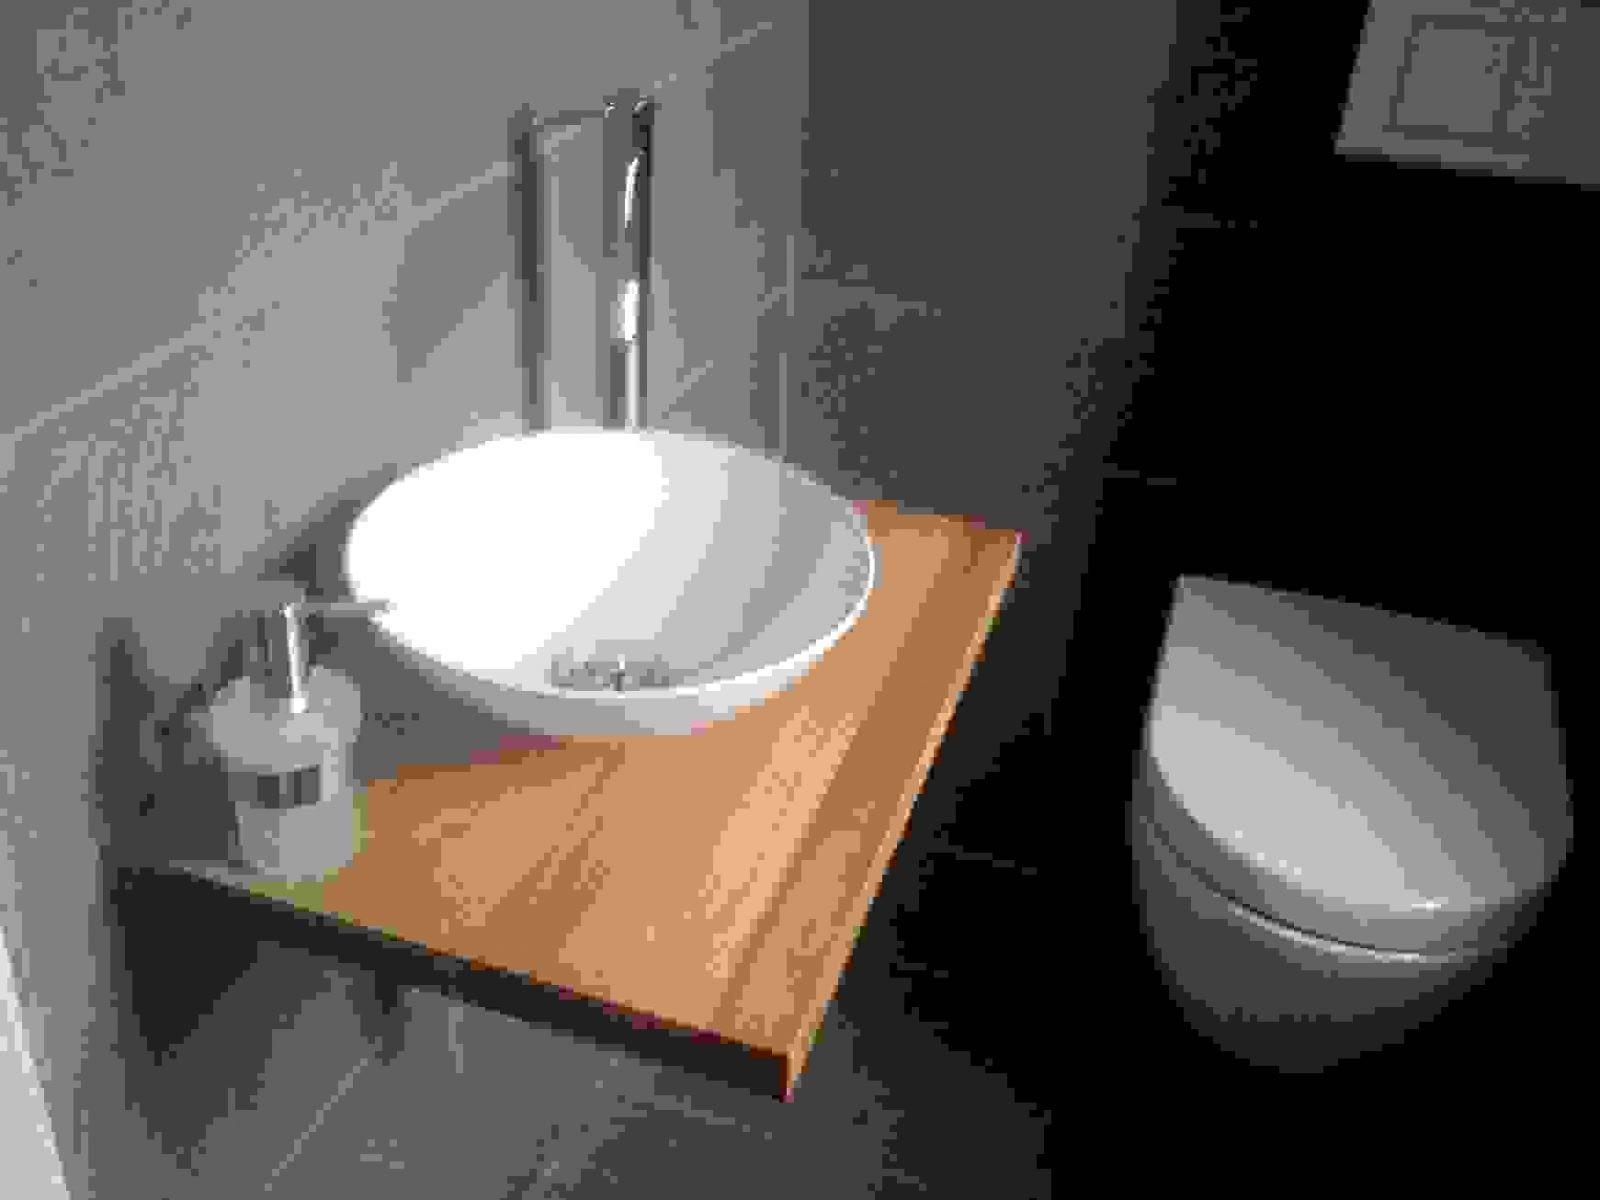 Waschtisch 40 Cm Tief Latest Badmbel Set Gste Wc Oporto Cm Inkl von Waschtisch 40 Cm Tief Bild